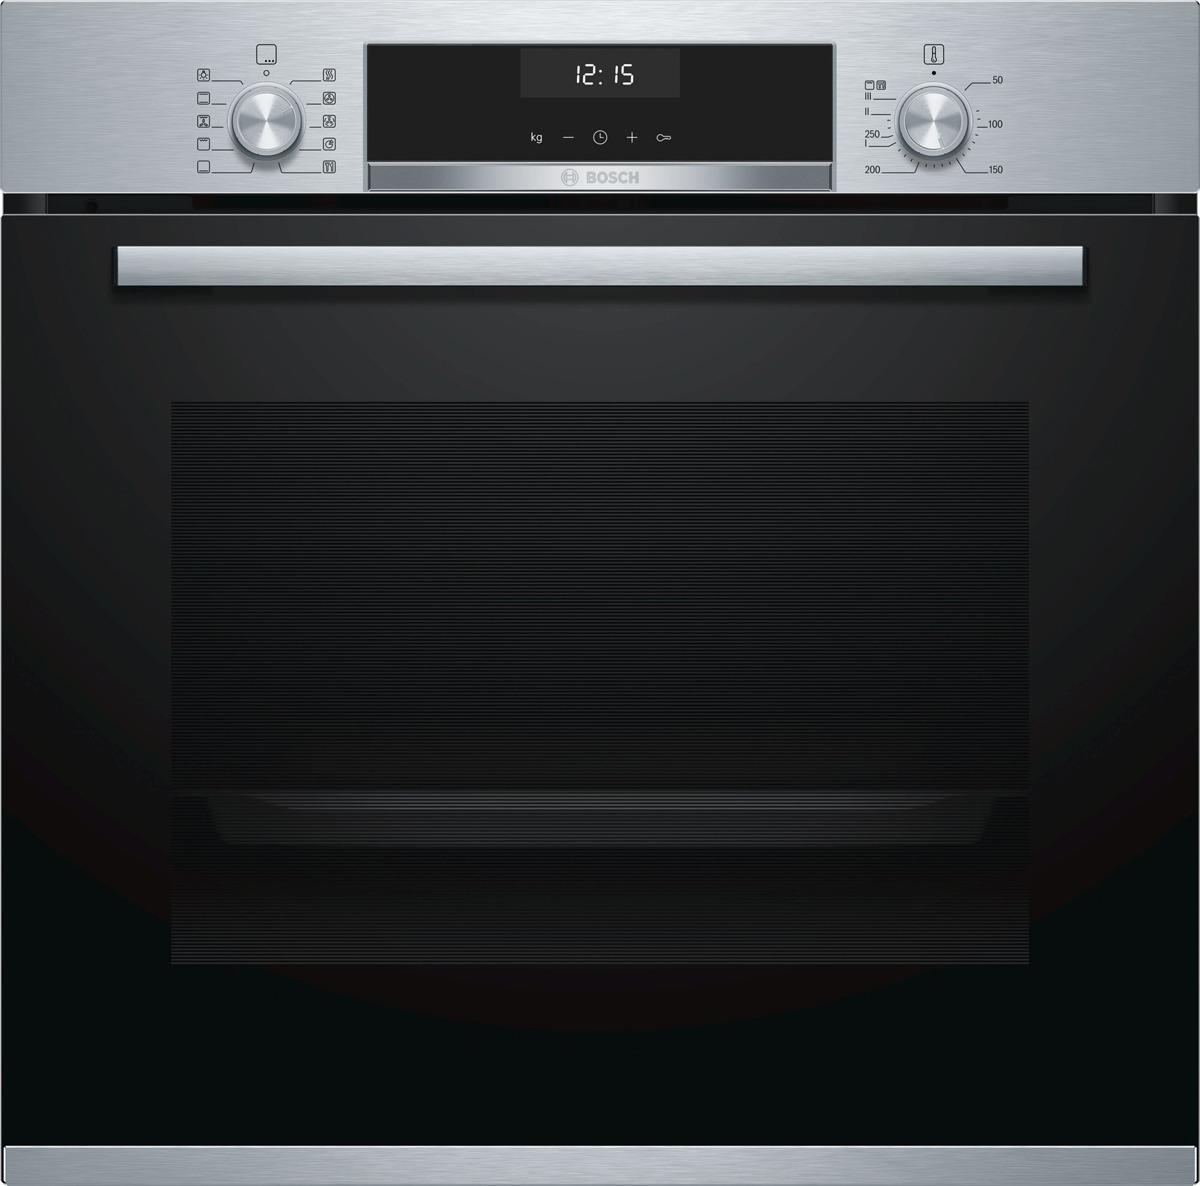 Духовой шкаф электрический встраиваемый Bosch Serie 6 HBG537NS0R